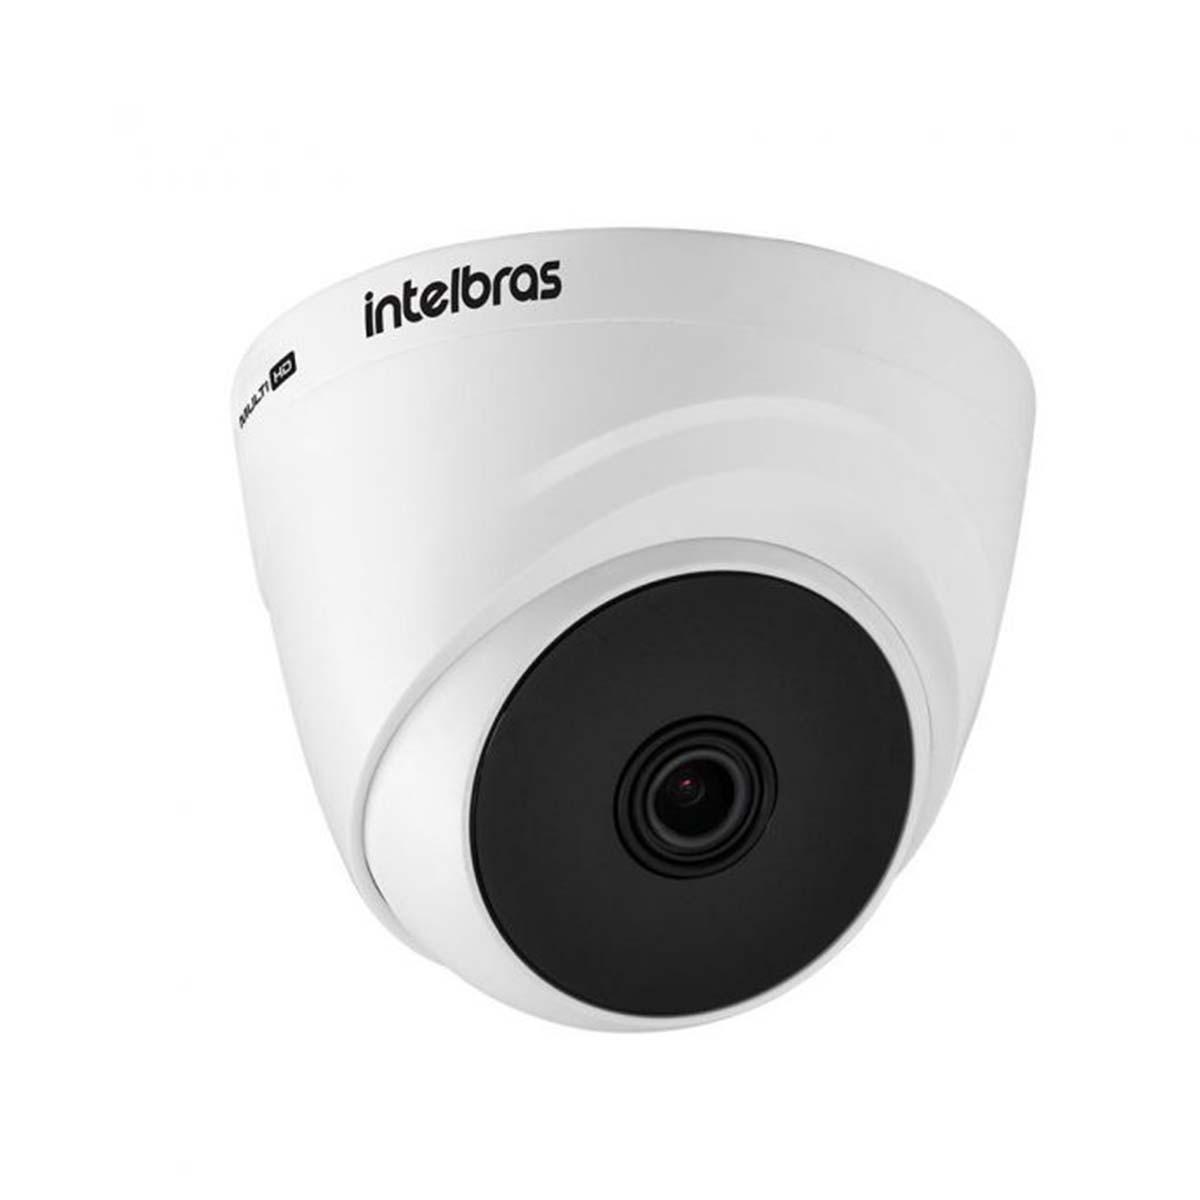 Kit 10 Câmera Dome Intelbras Vhd 1120 D G6 720p 2,8mm